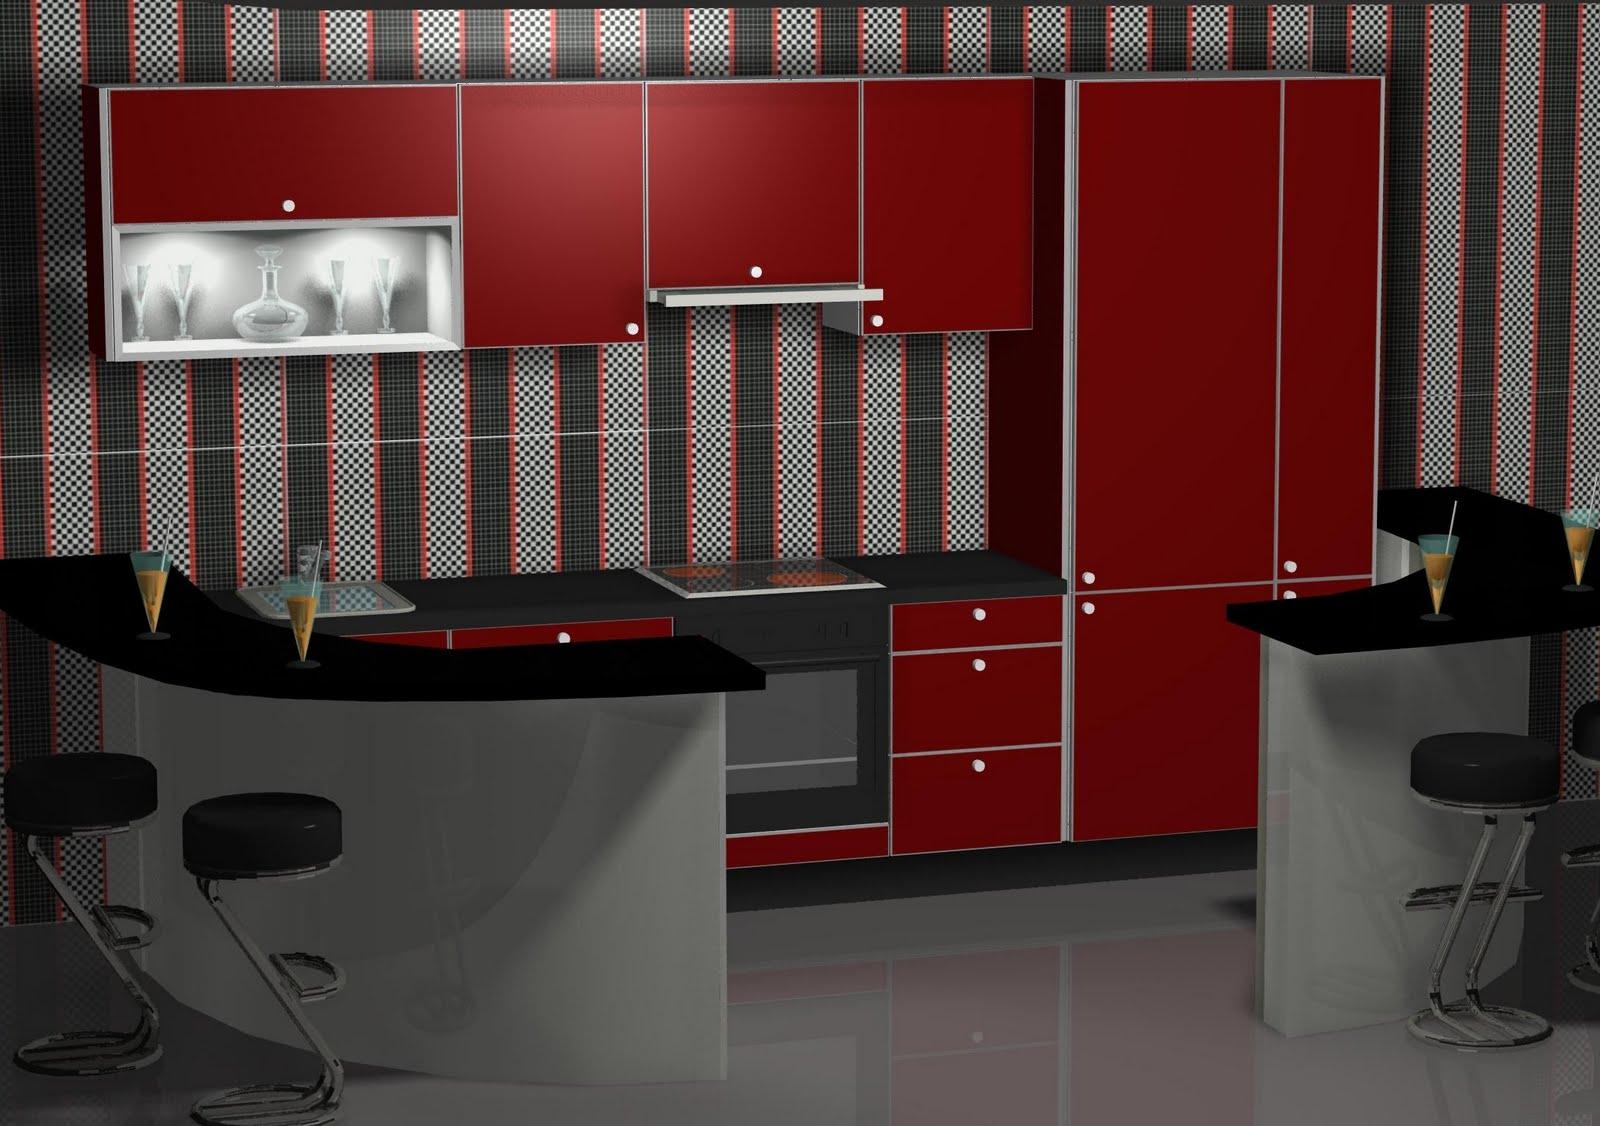 Dise o de cocina con barra americana for Disenos de barras